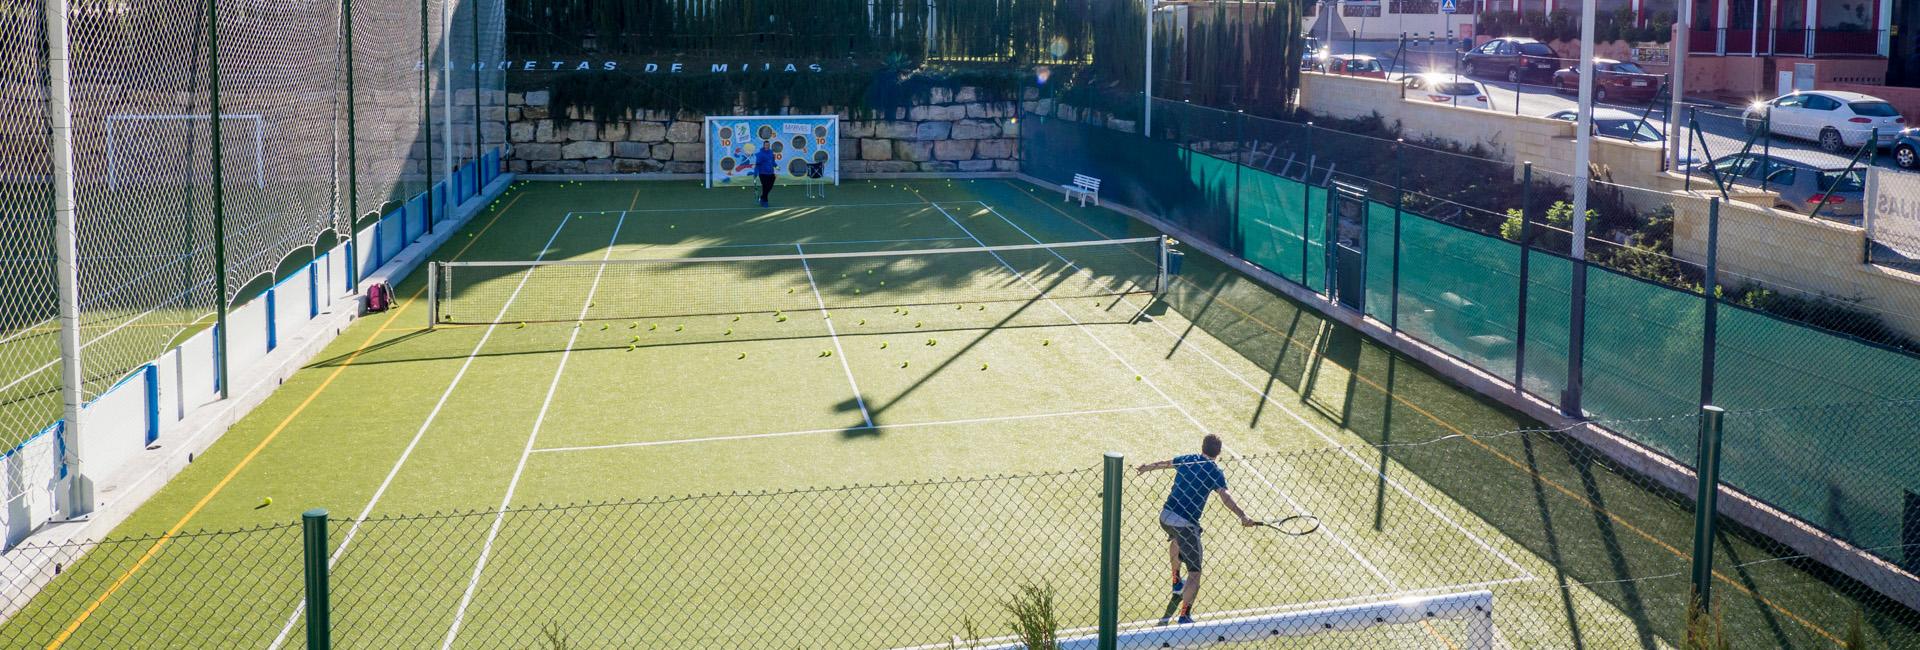 pista_tenis_arriba_s